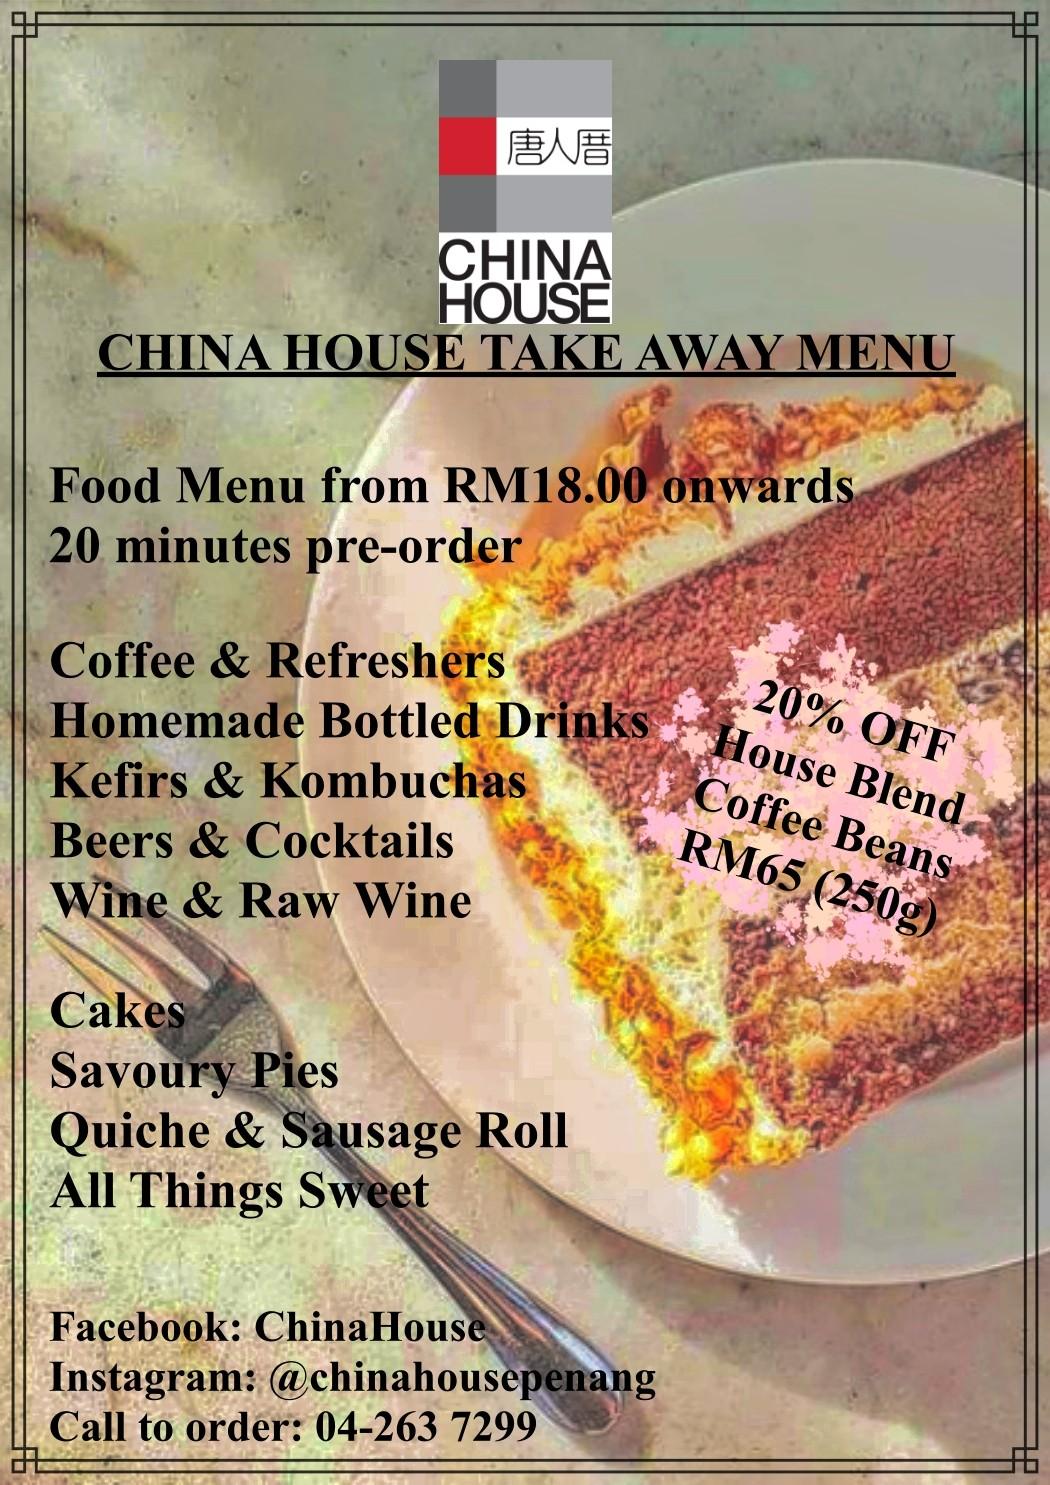 Takeaway Menu by China House